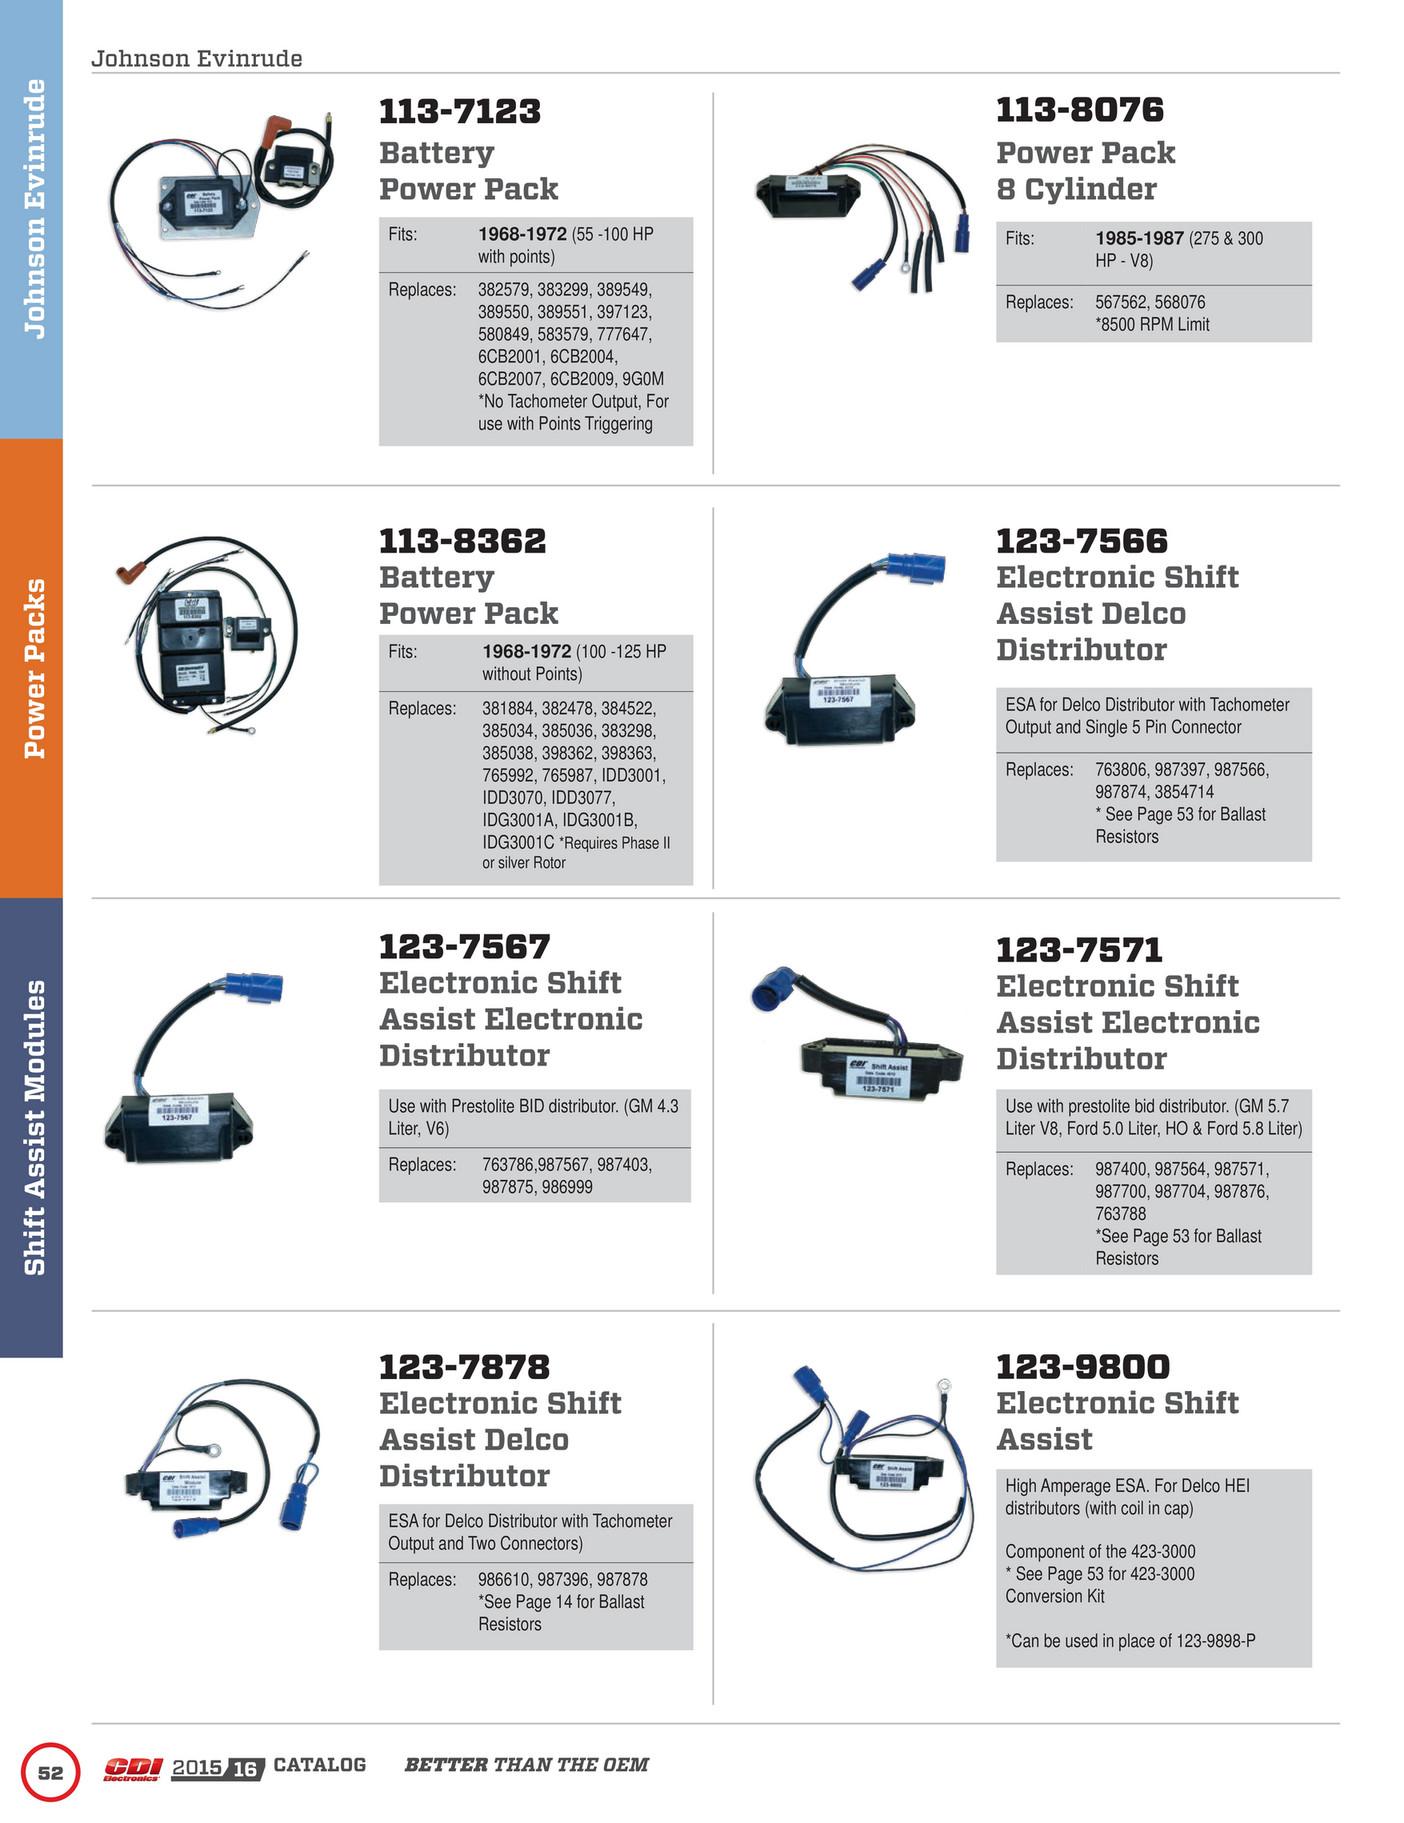 CDI 123-9800 Johnson Evinrude Shift Assist 123-9800